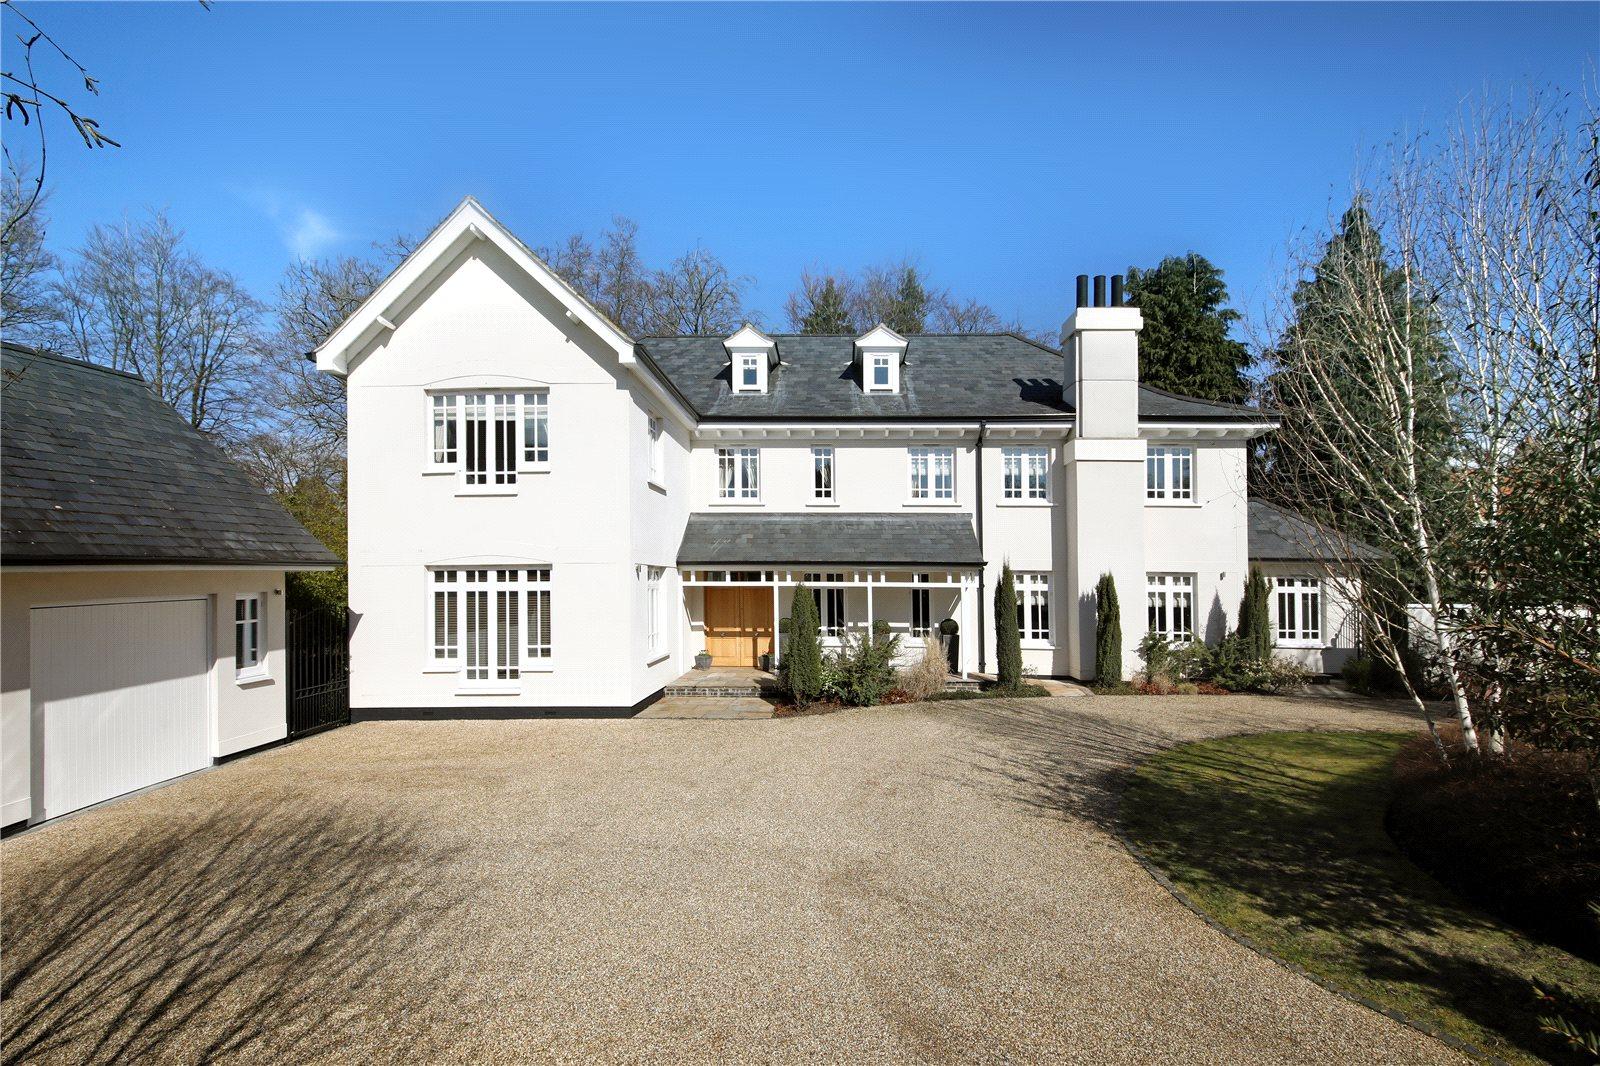 단독 가정 주택 용 매매 에 Kier Park, Ascot, Berkshire, SL5 Ascot, 영국